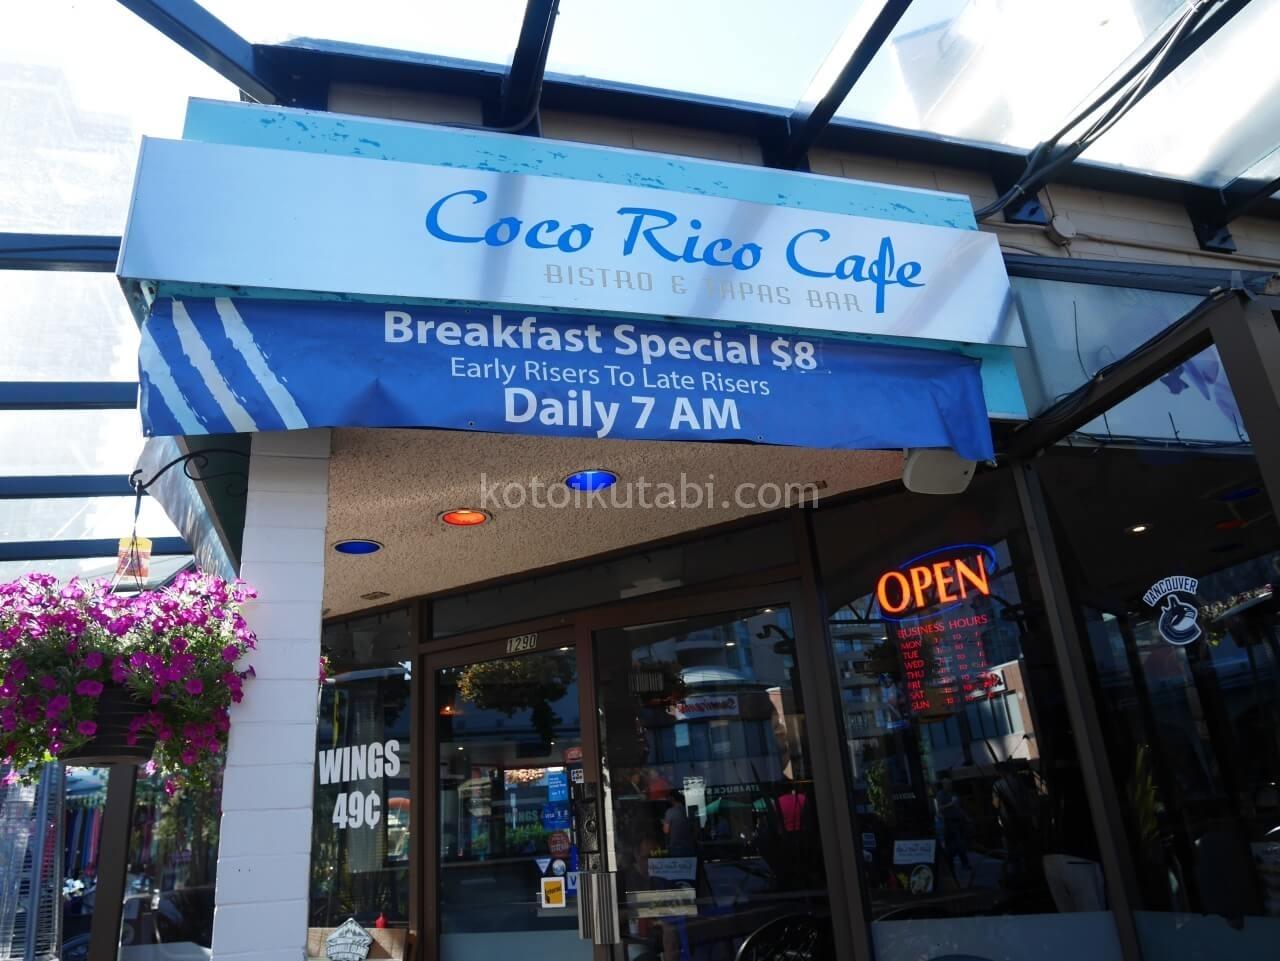 バンクーバーのカフェCoco Rico Cafe